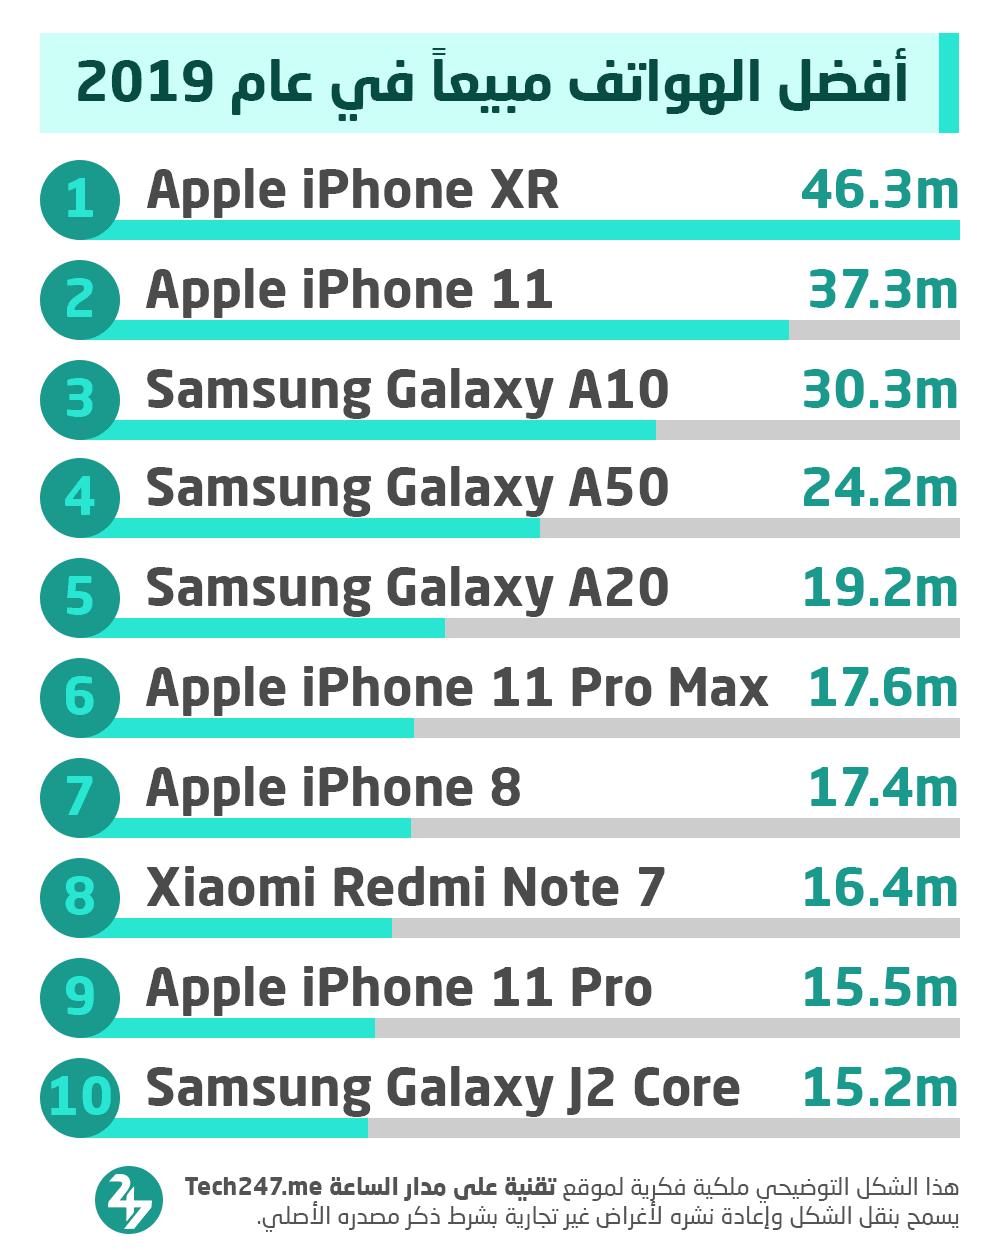 أفضل الهواتف مبيعاً في العالم خلال عام 2019